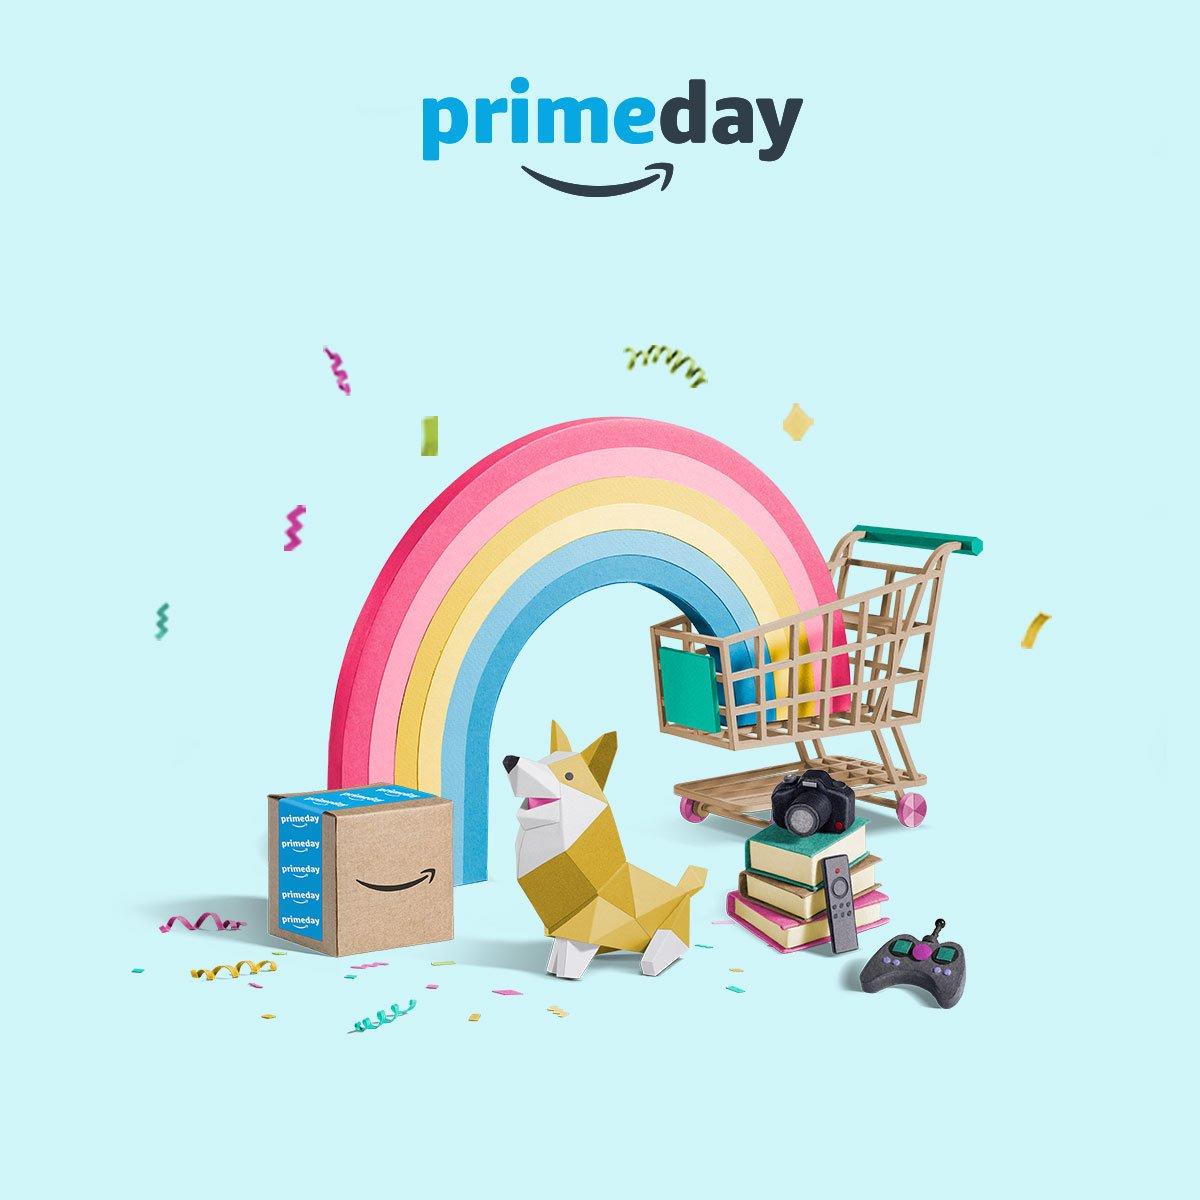 Amazon Prime là gì và Amazon Prime day là ngày gì?